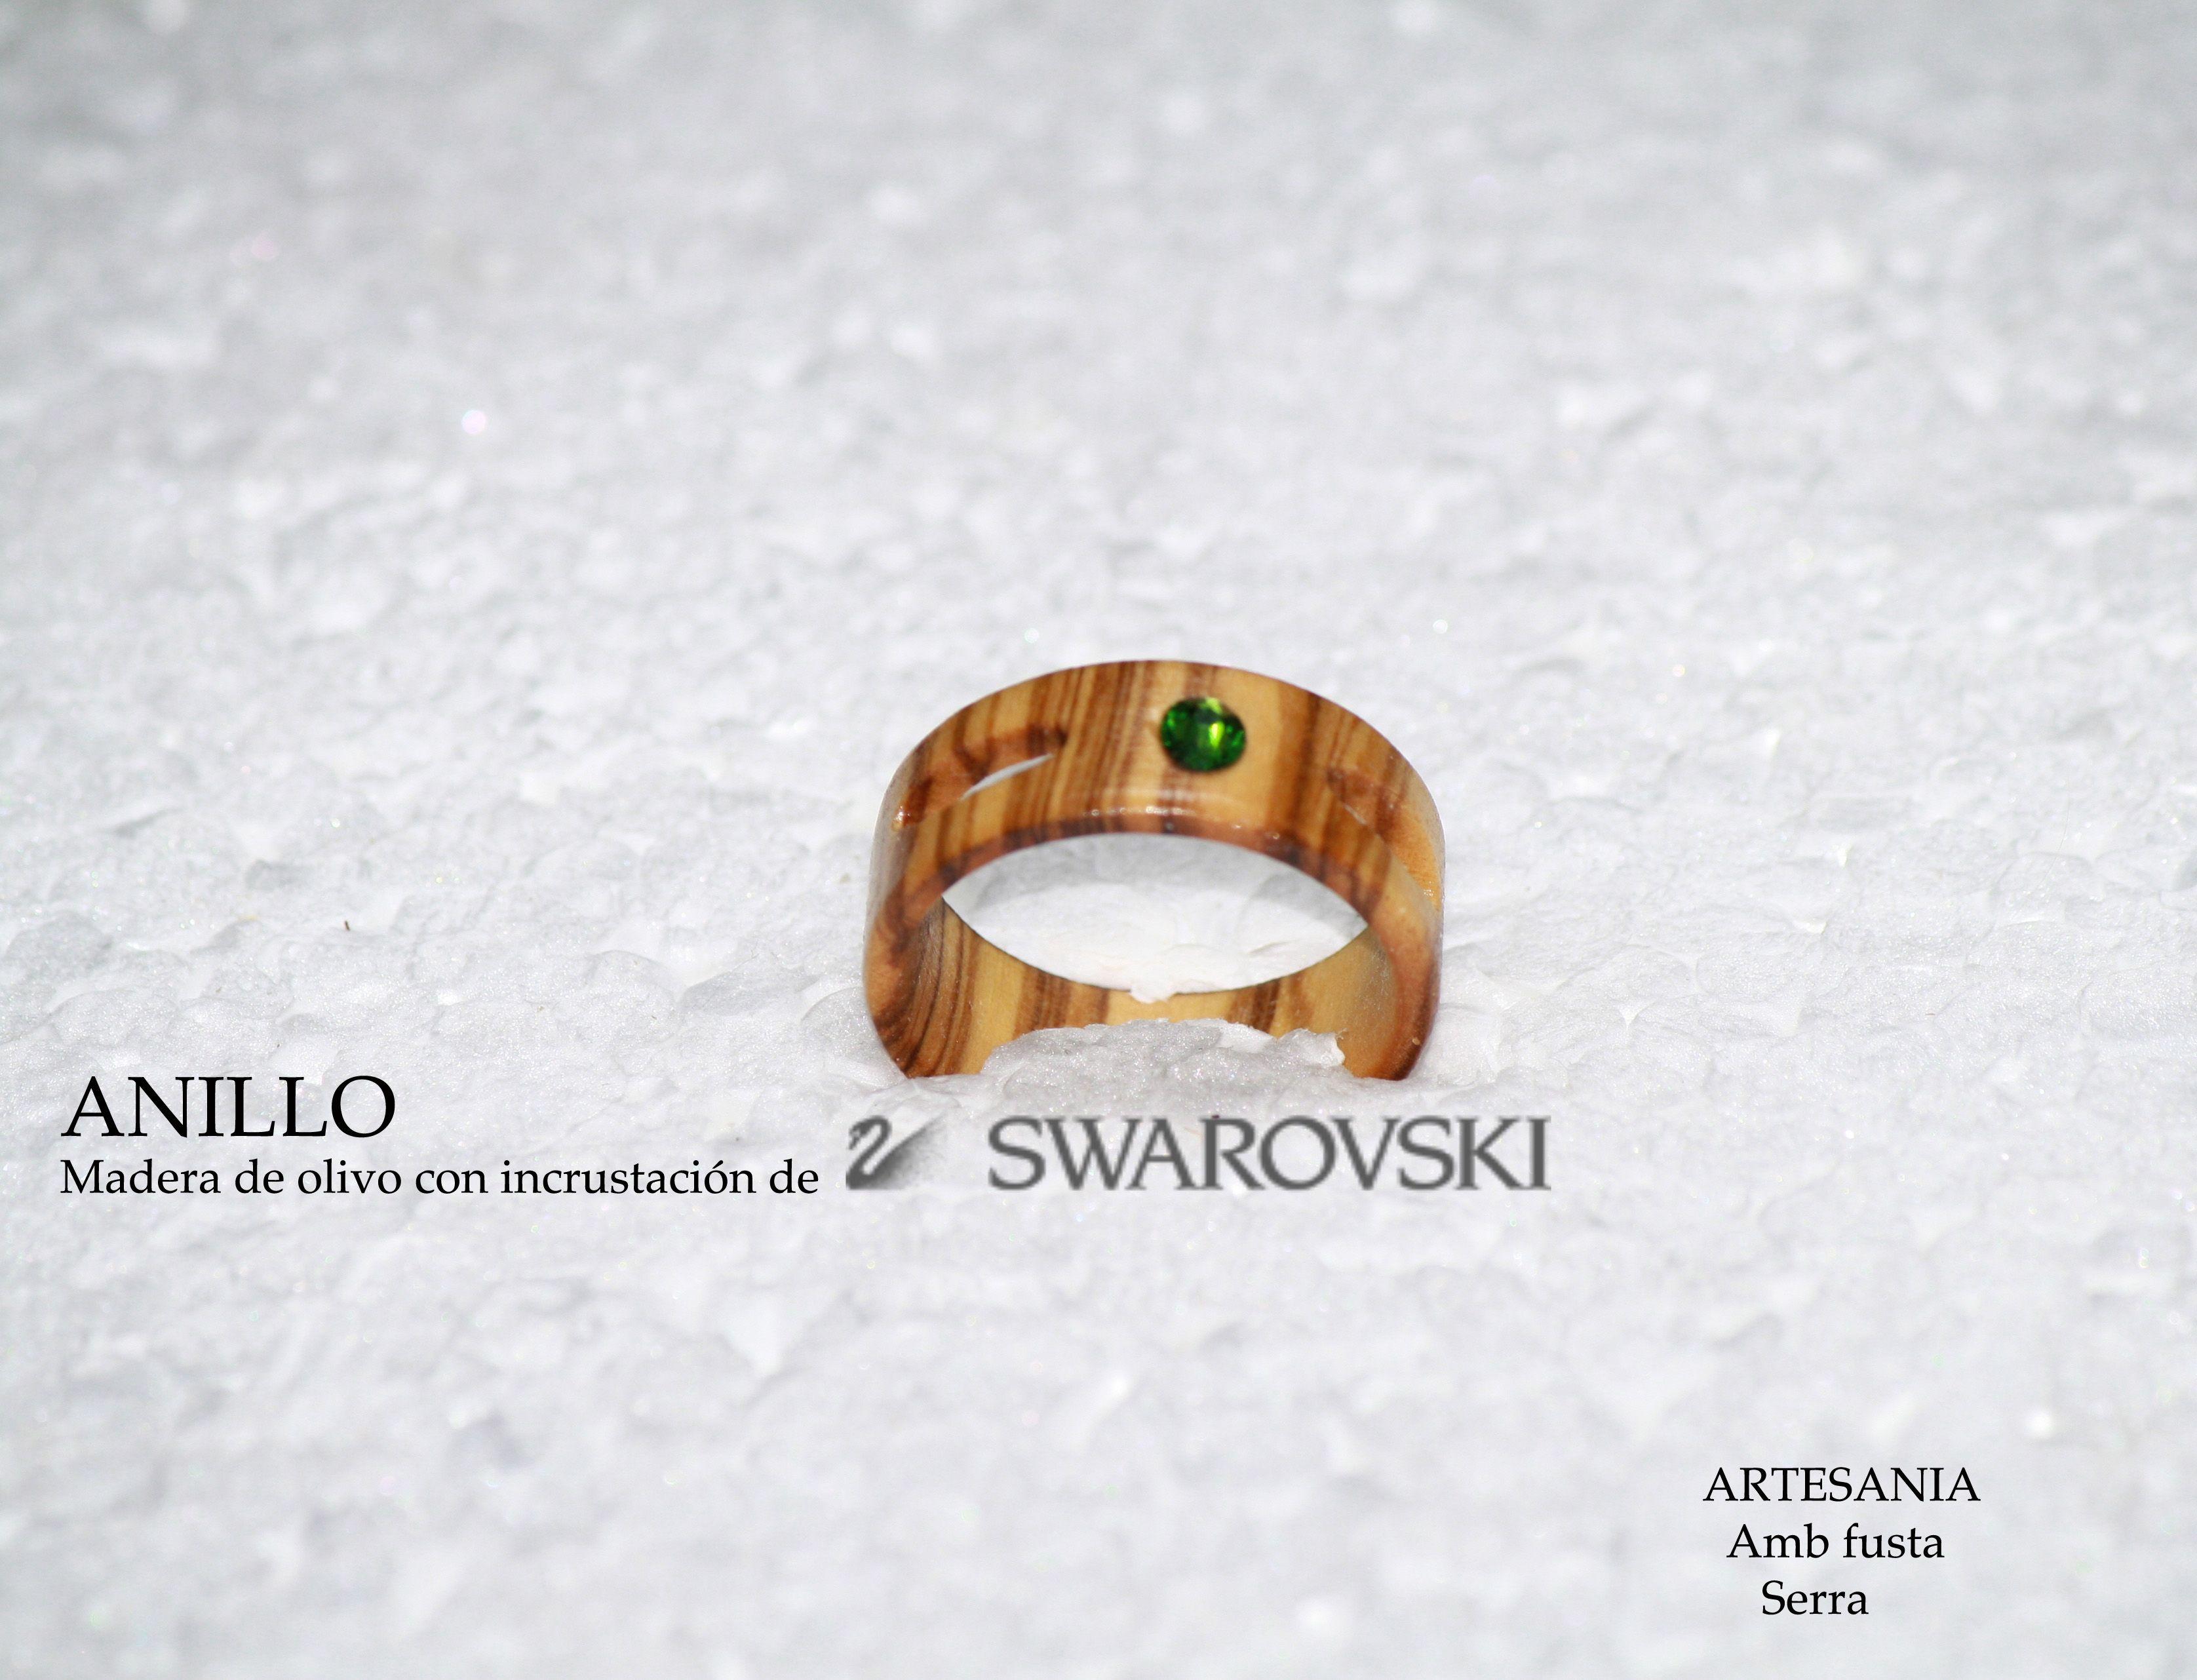 anillo de madera de olivo